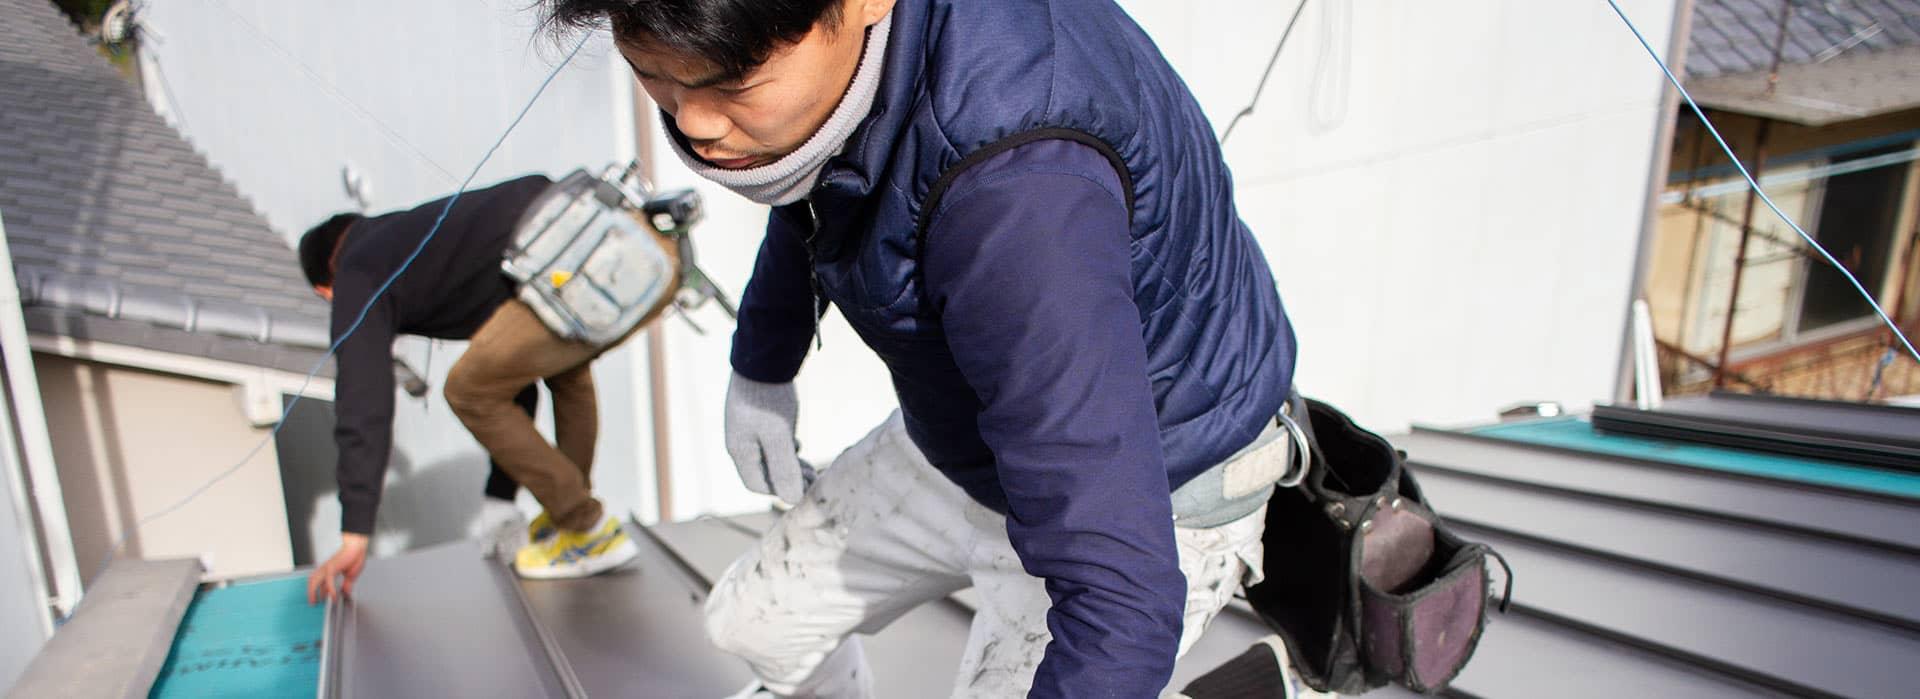 京都の屋根修理・雨漏り修理業者、山口板金からお客様へお伝えしたいこと